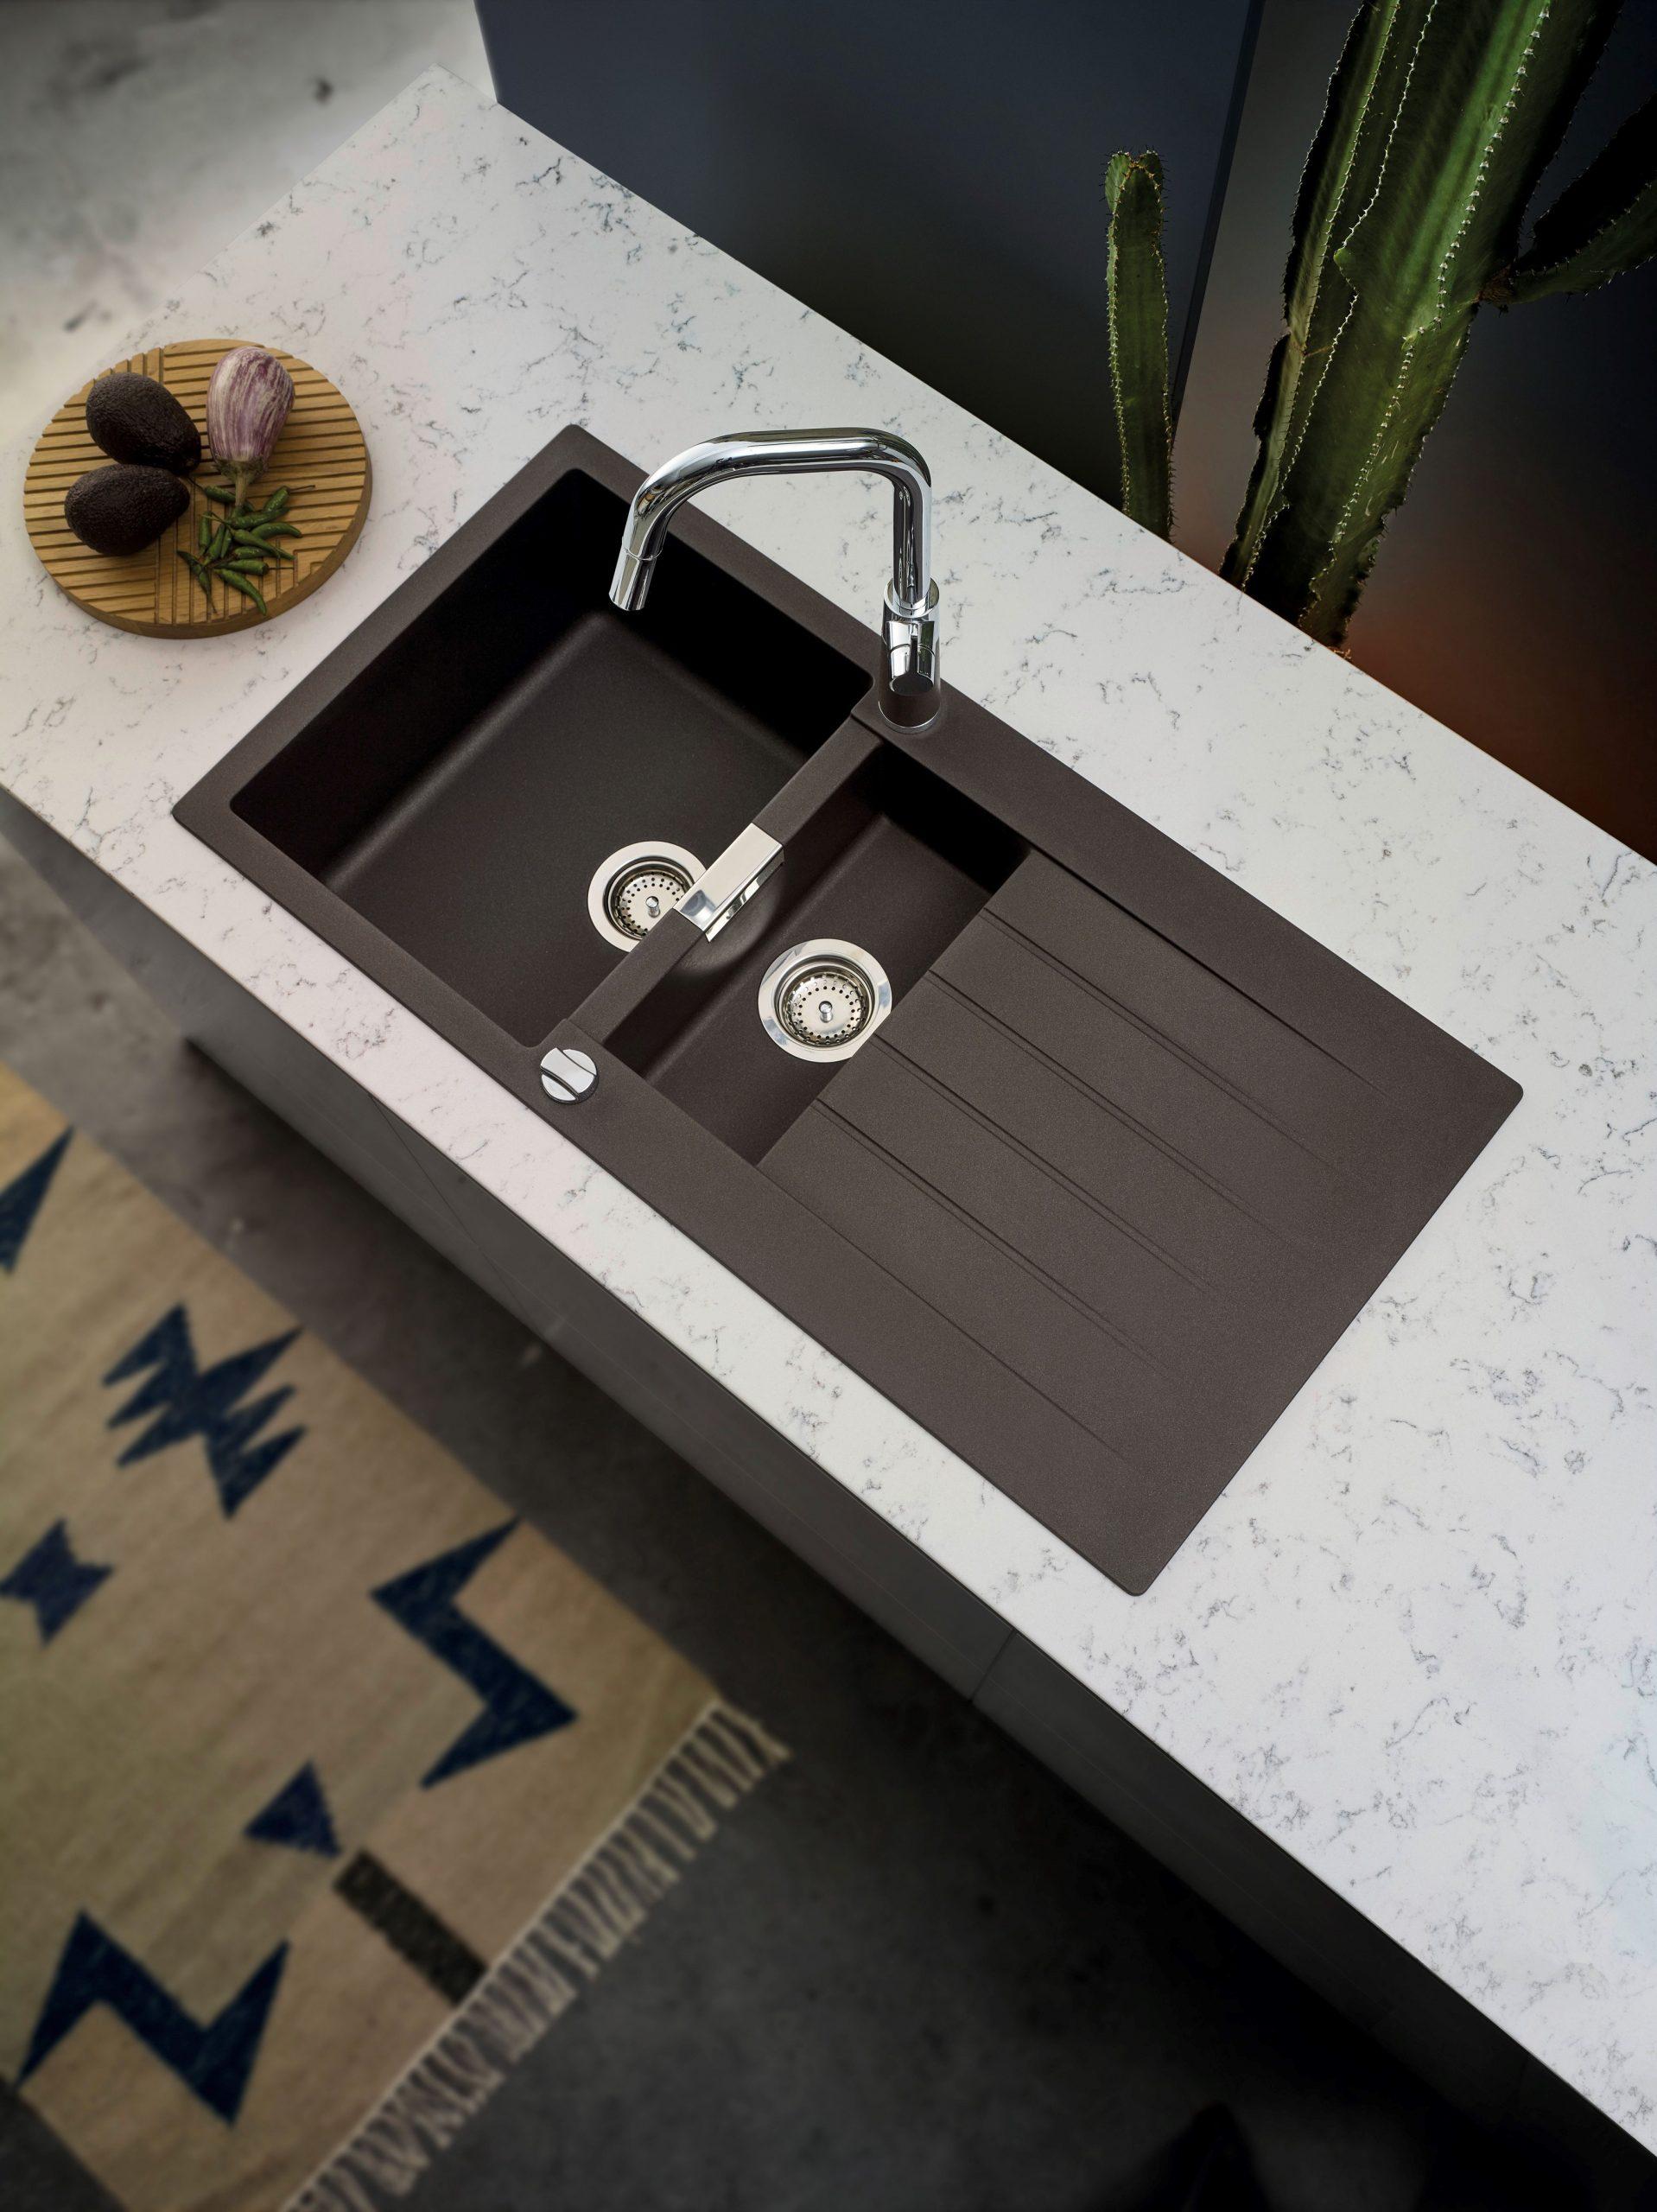 Full Size of Küche Ohne Geräte Led Beleuchtung Wandsticker Sideboard Sitzbank Mit Lehne Nolte Ausstellungsstück Mini Kleiner Tisch Einbauküche Kühlschrank Modulküche Küche Keramik Waschbecken Küche